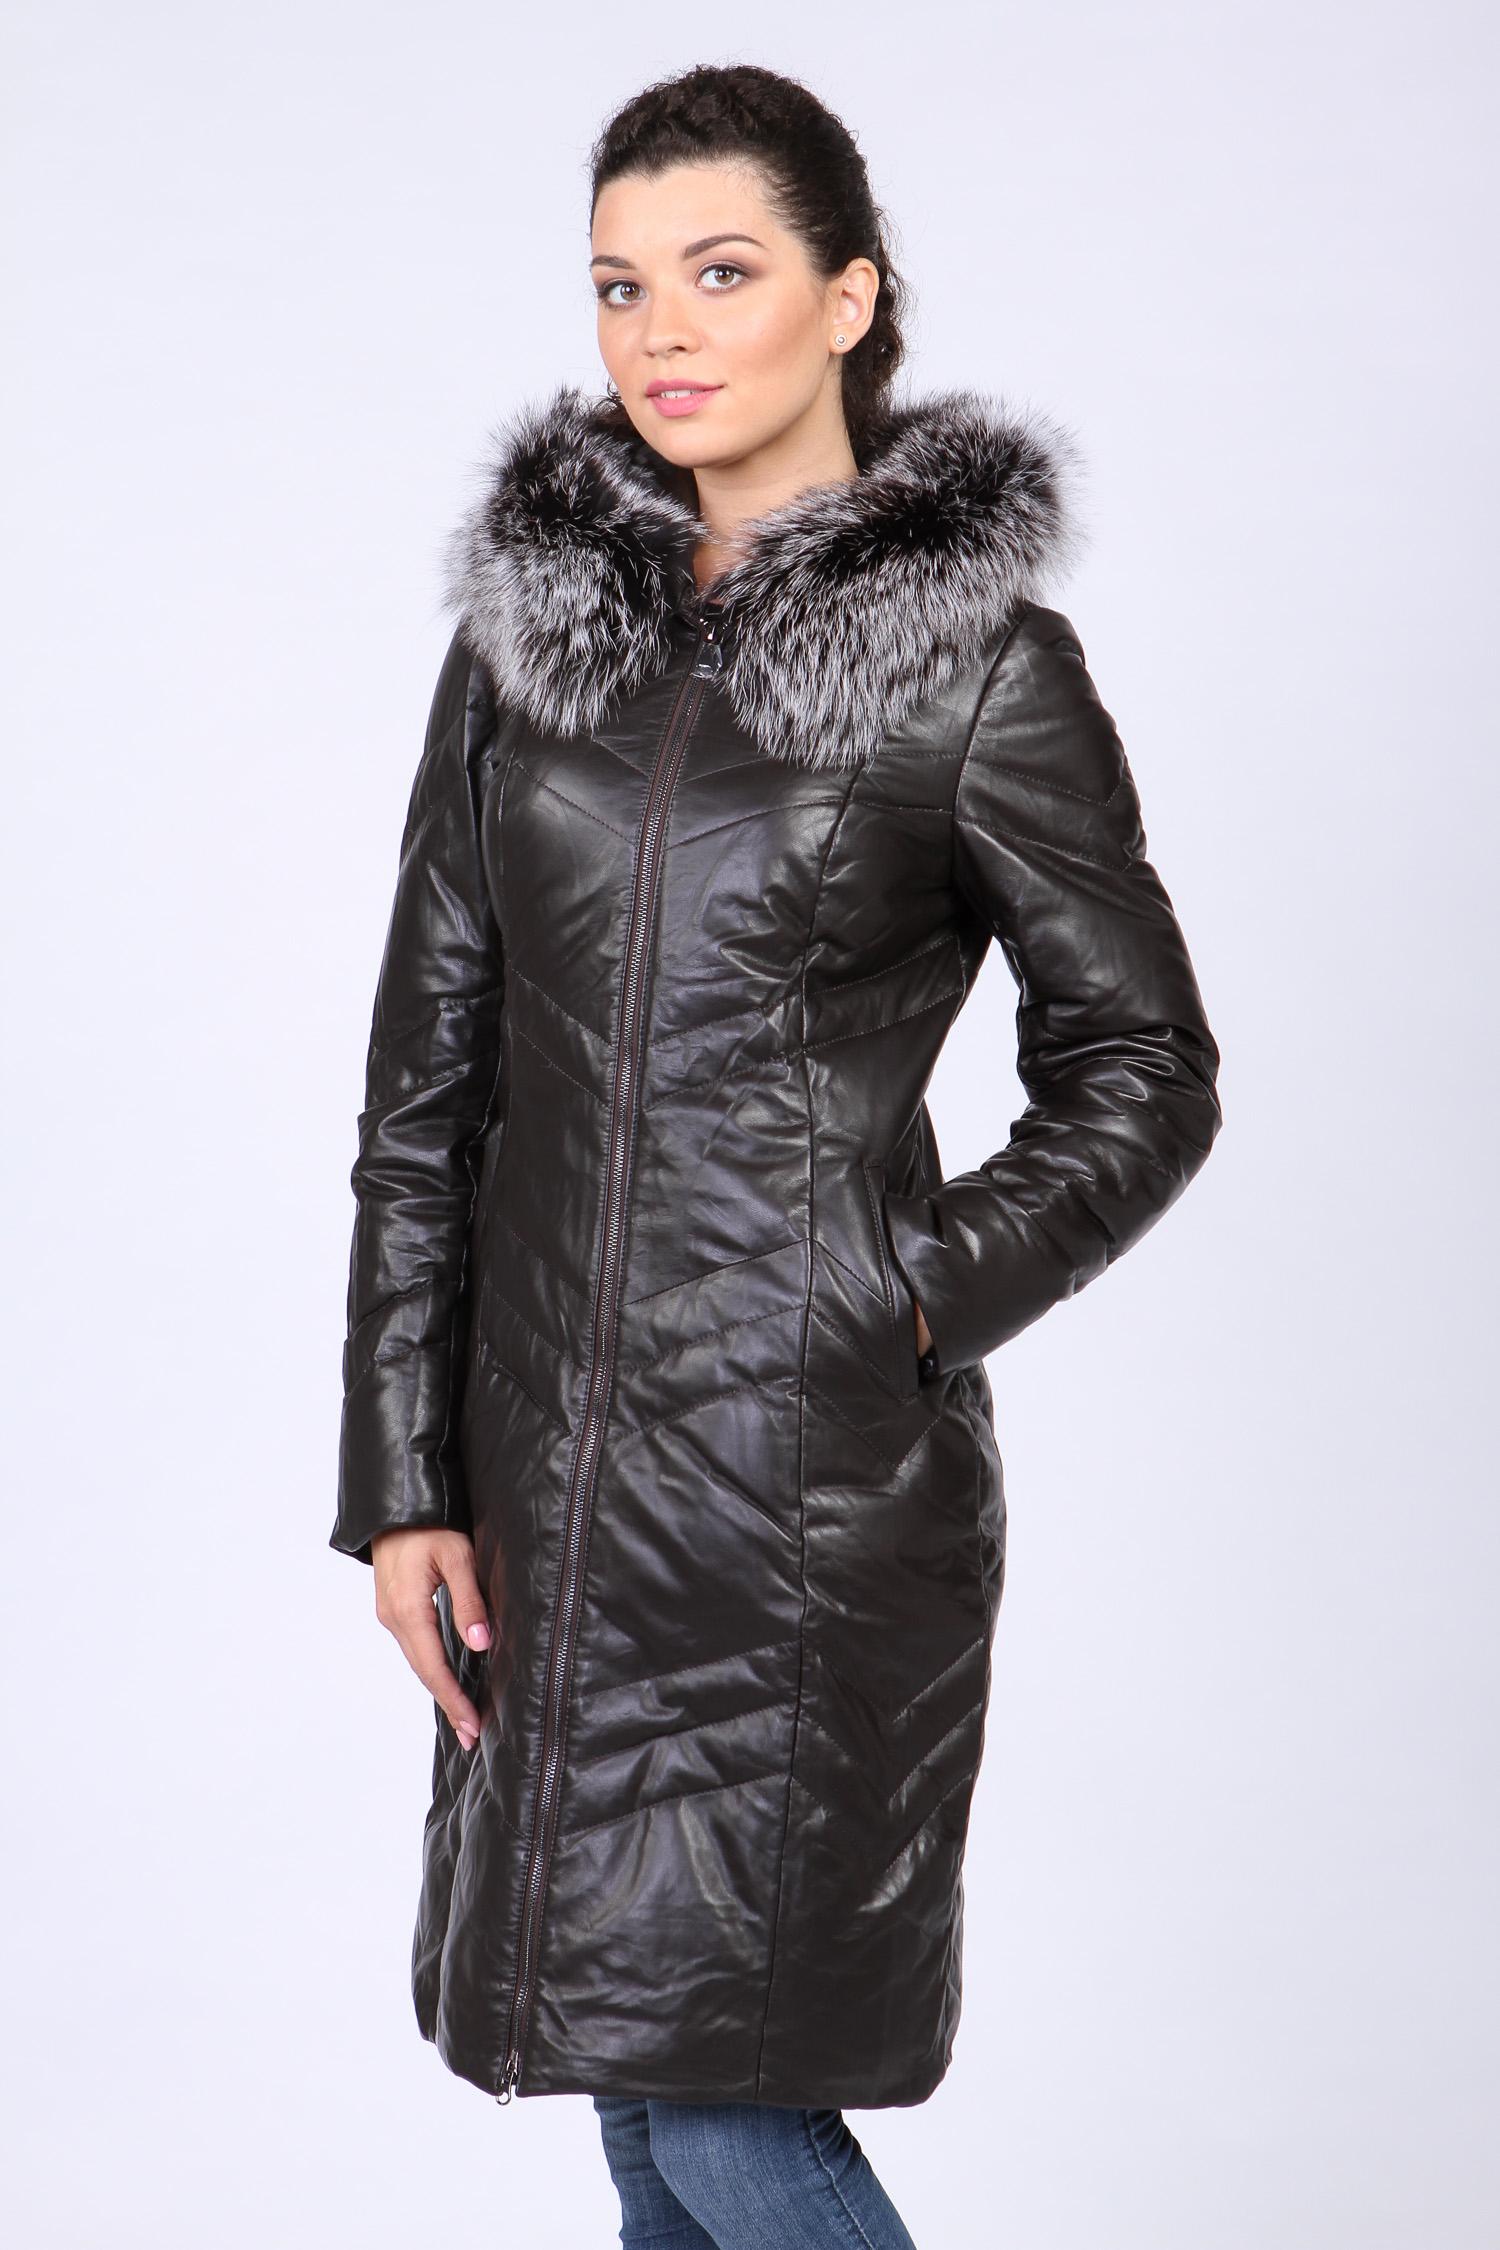 Пуховик женский из натуральной кожи с капюшоном, отделка чернобурка Московская Меховая Компания